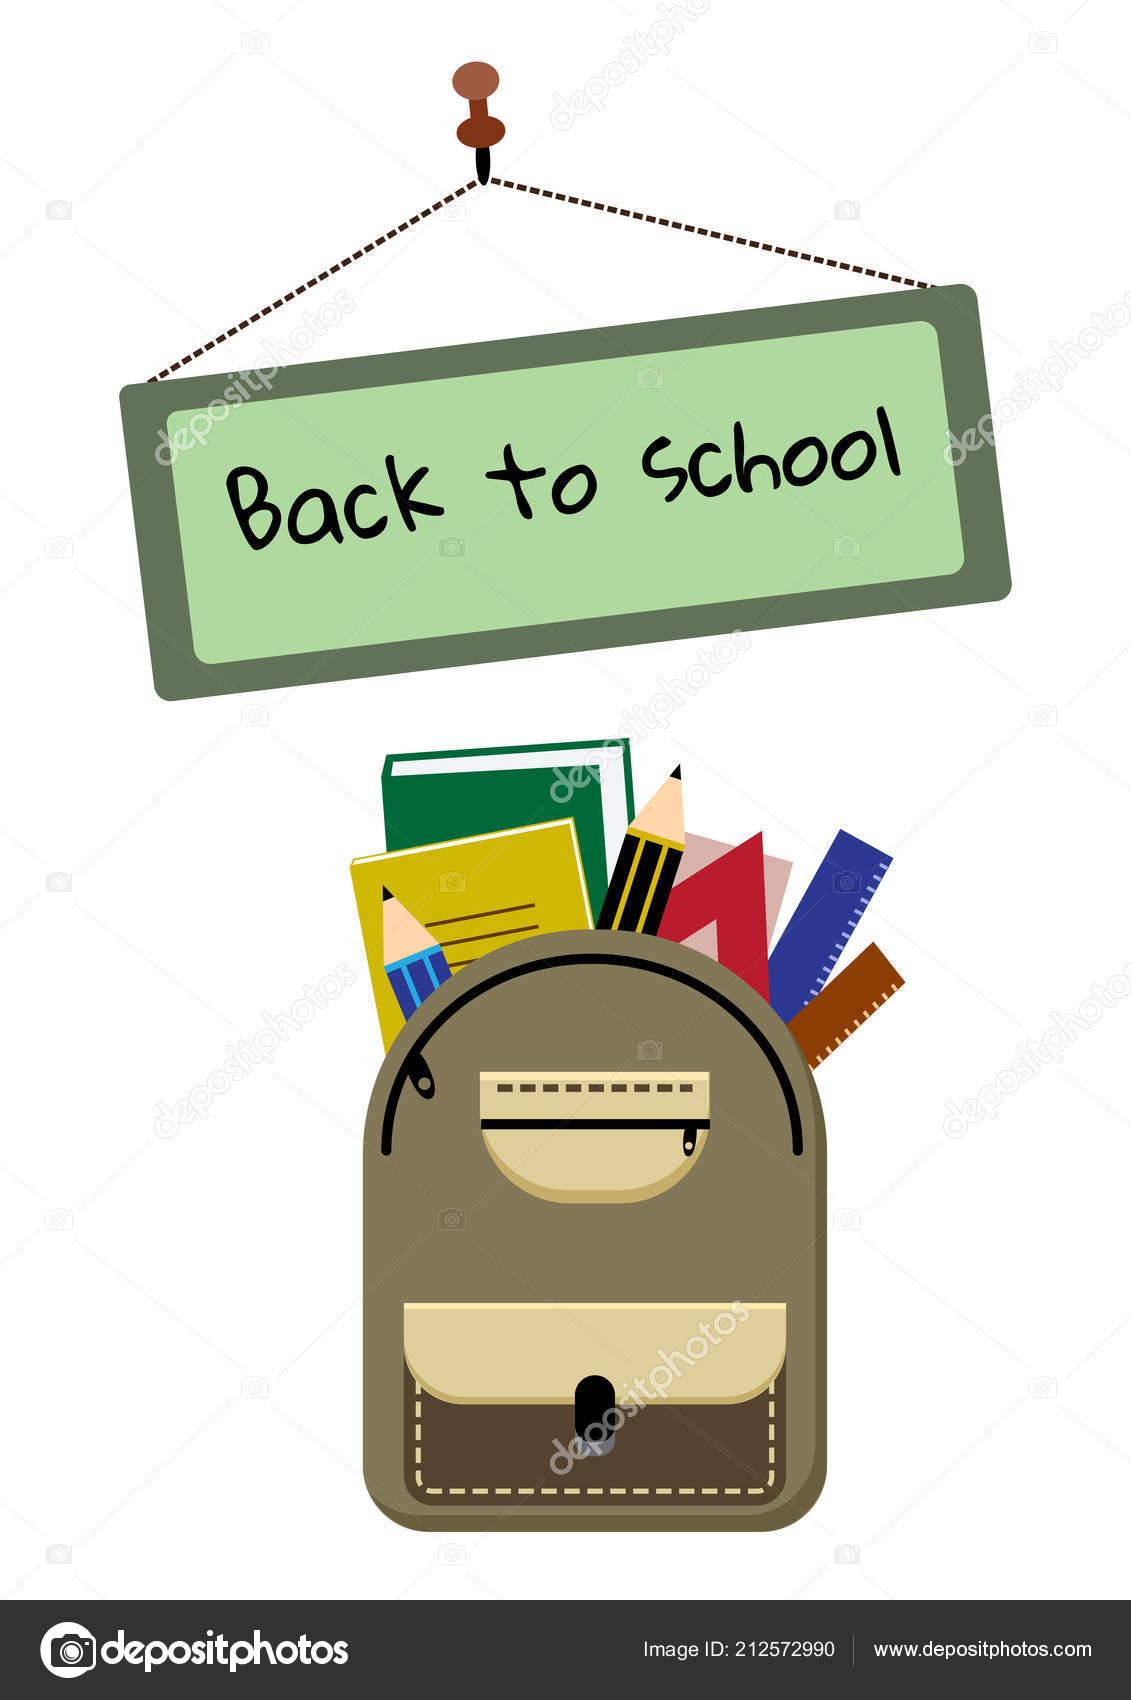 eb94d6fd014 Σακίδιο Πλάτης Σχολικά Είδη Και Μια Πινακίδα Κείμενο Πίσω Στο —  Διανυσματικό Αρχείο